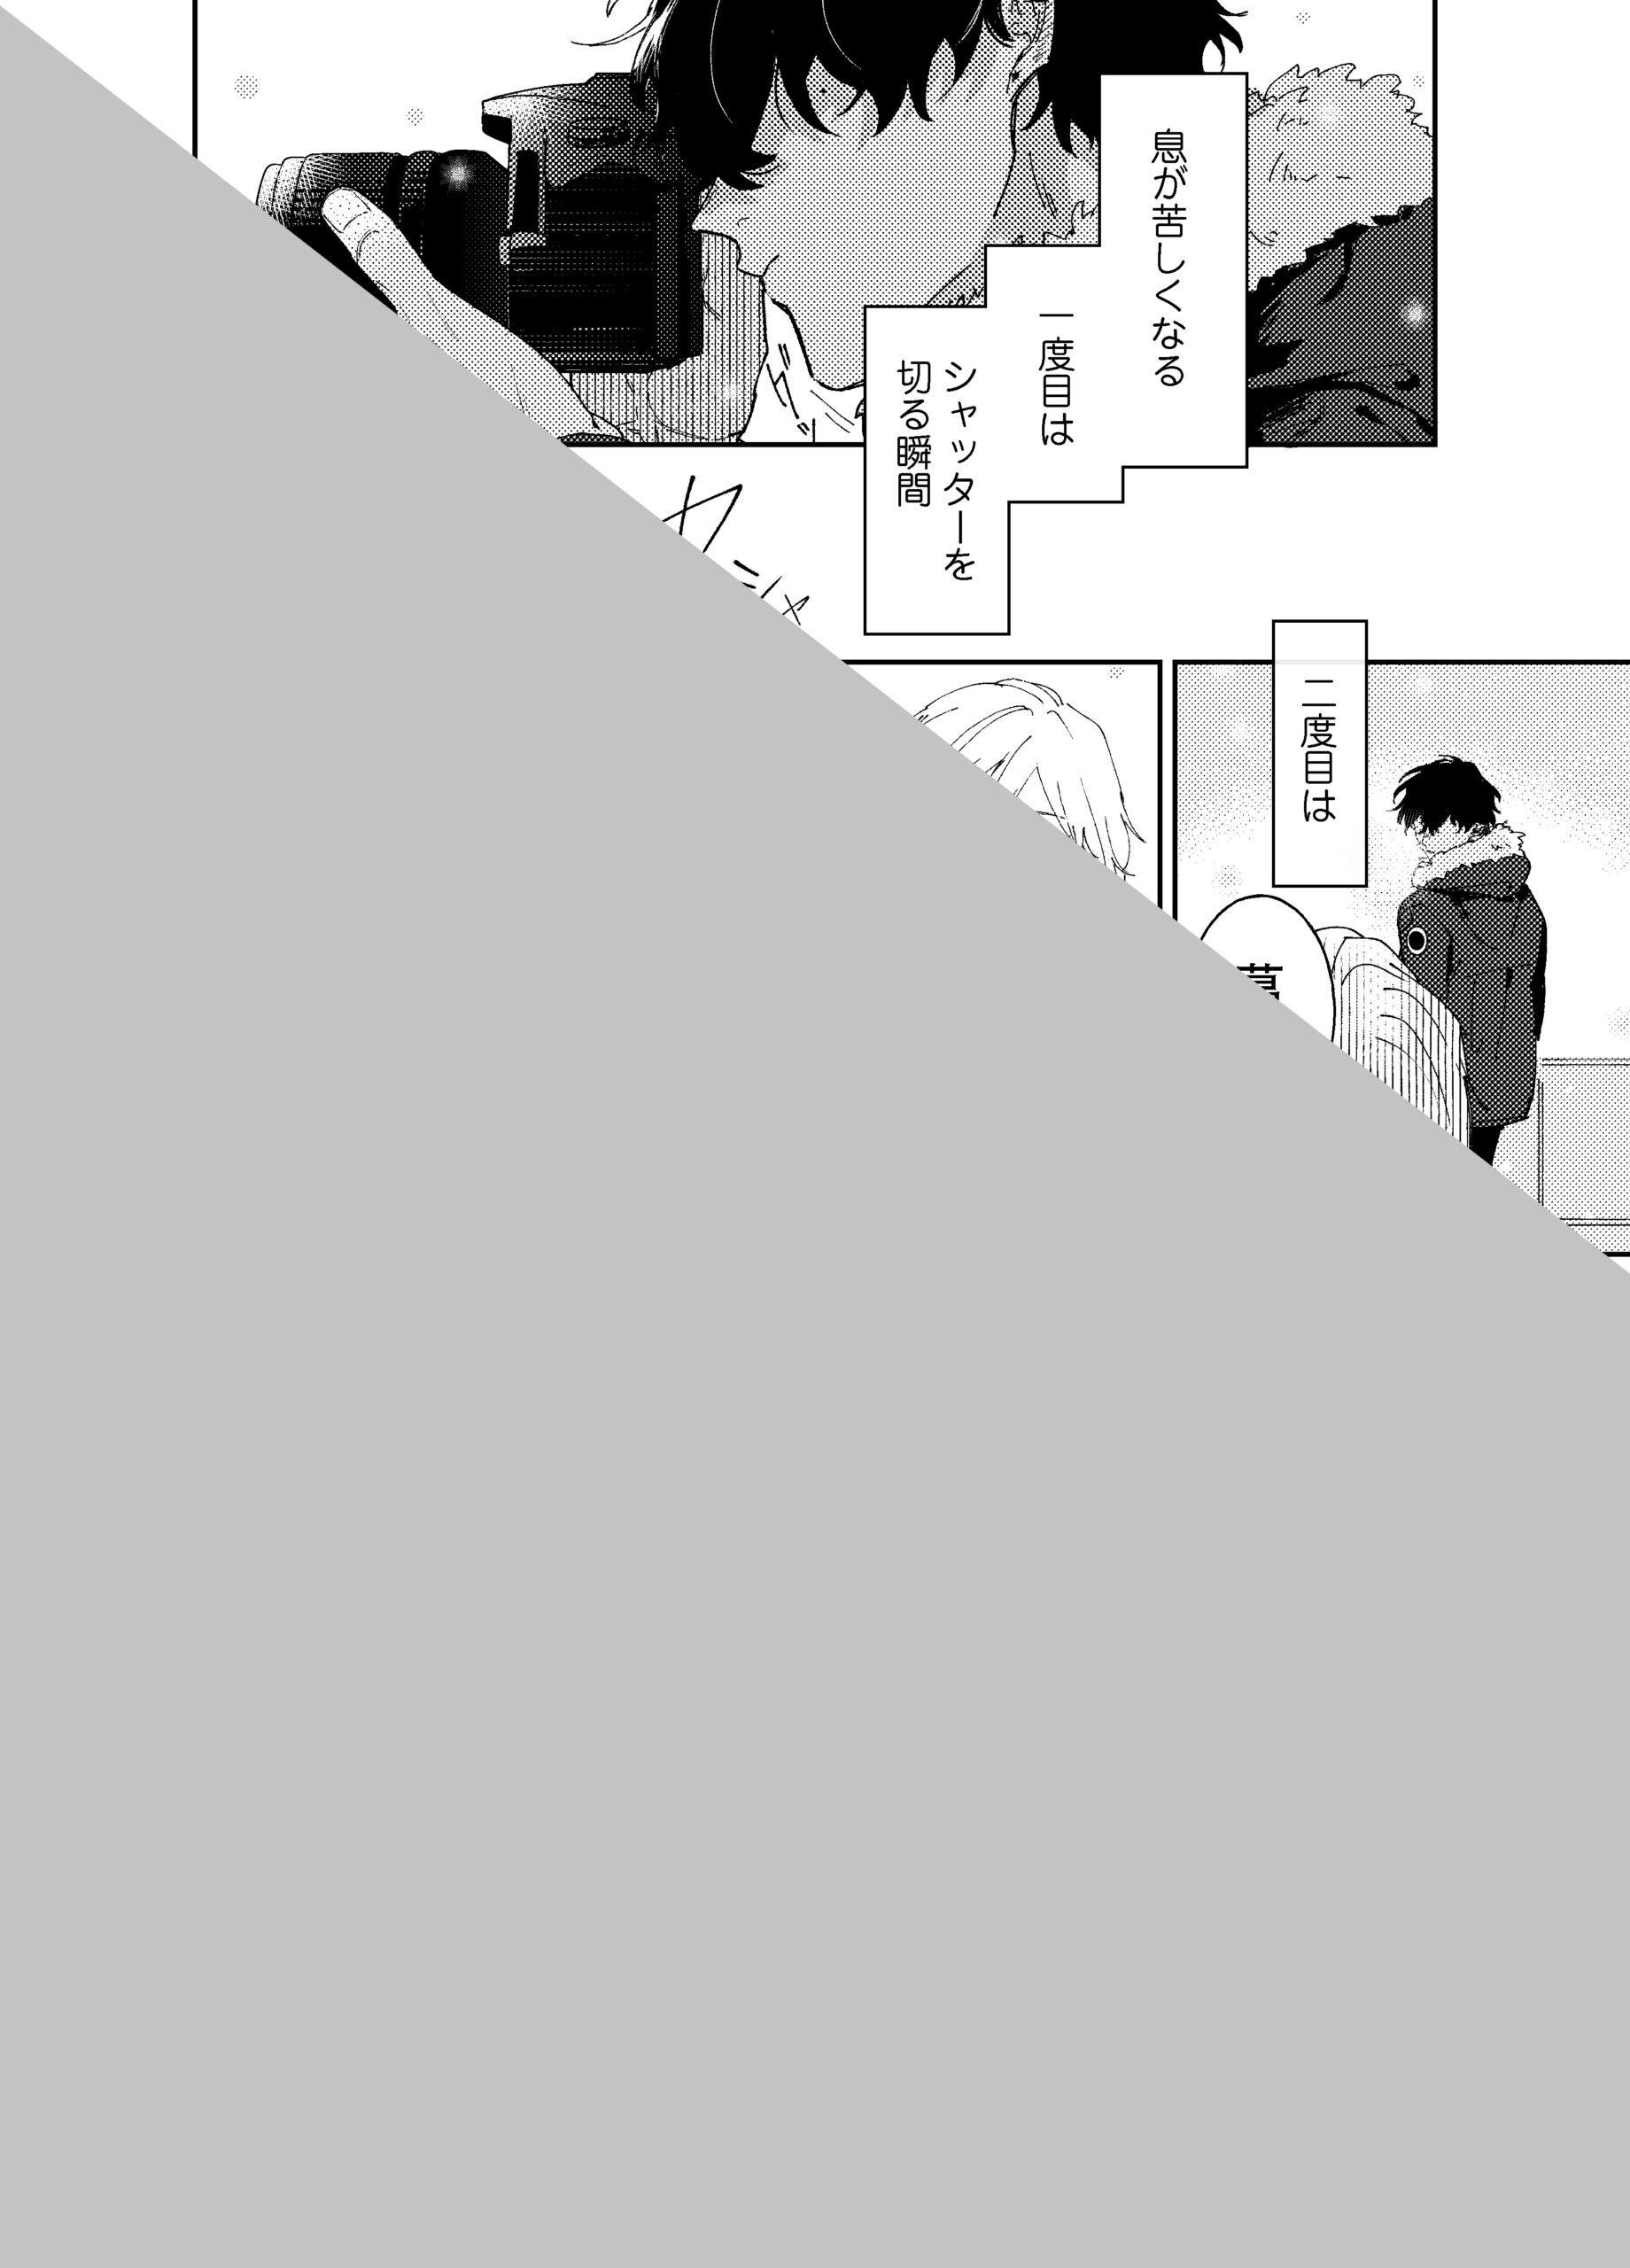 仁嶋中道_アネモネ